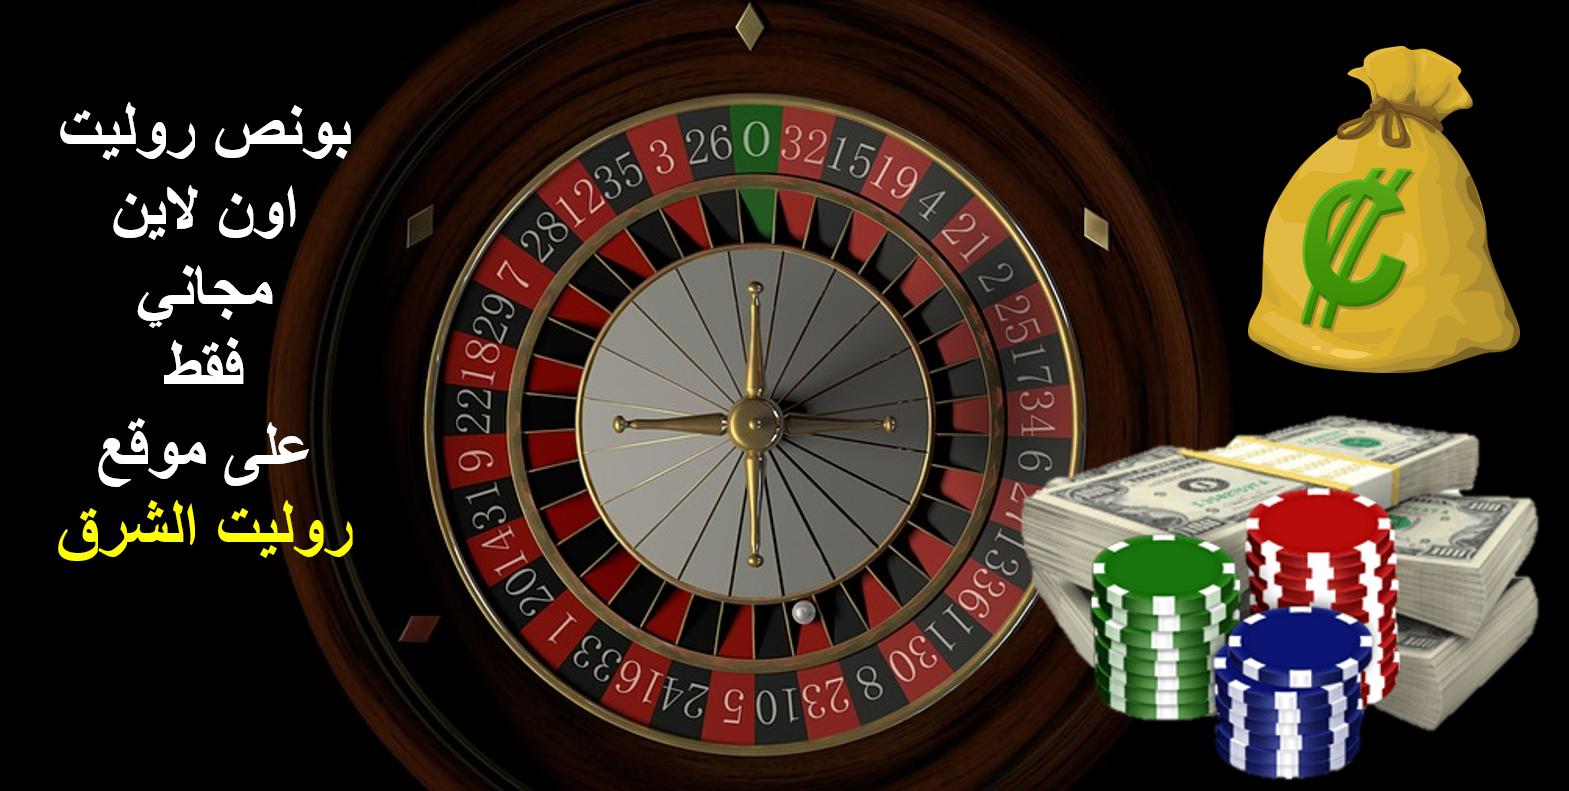 العاب لربح المال - 44098